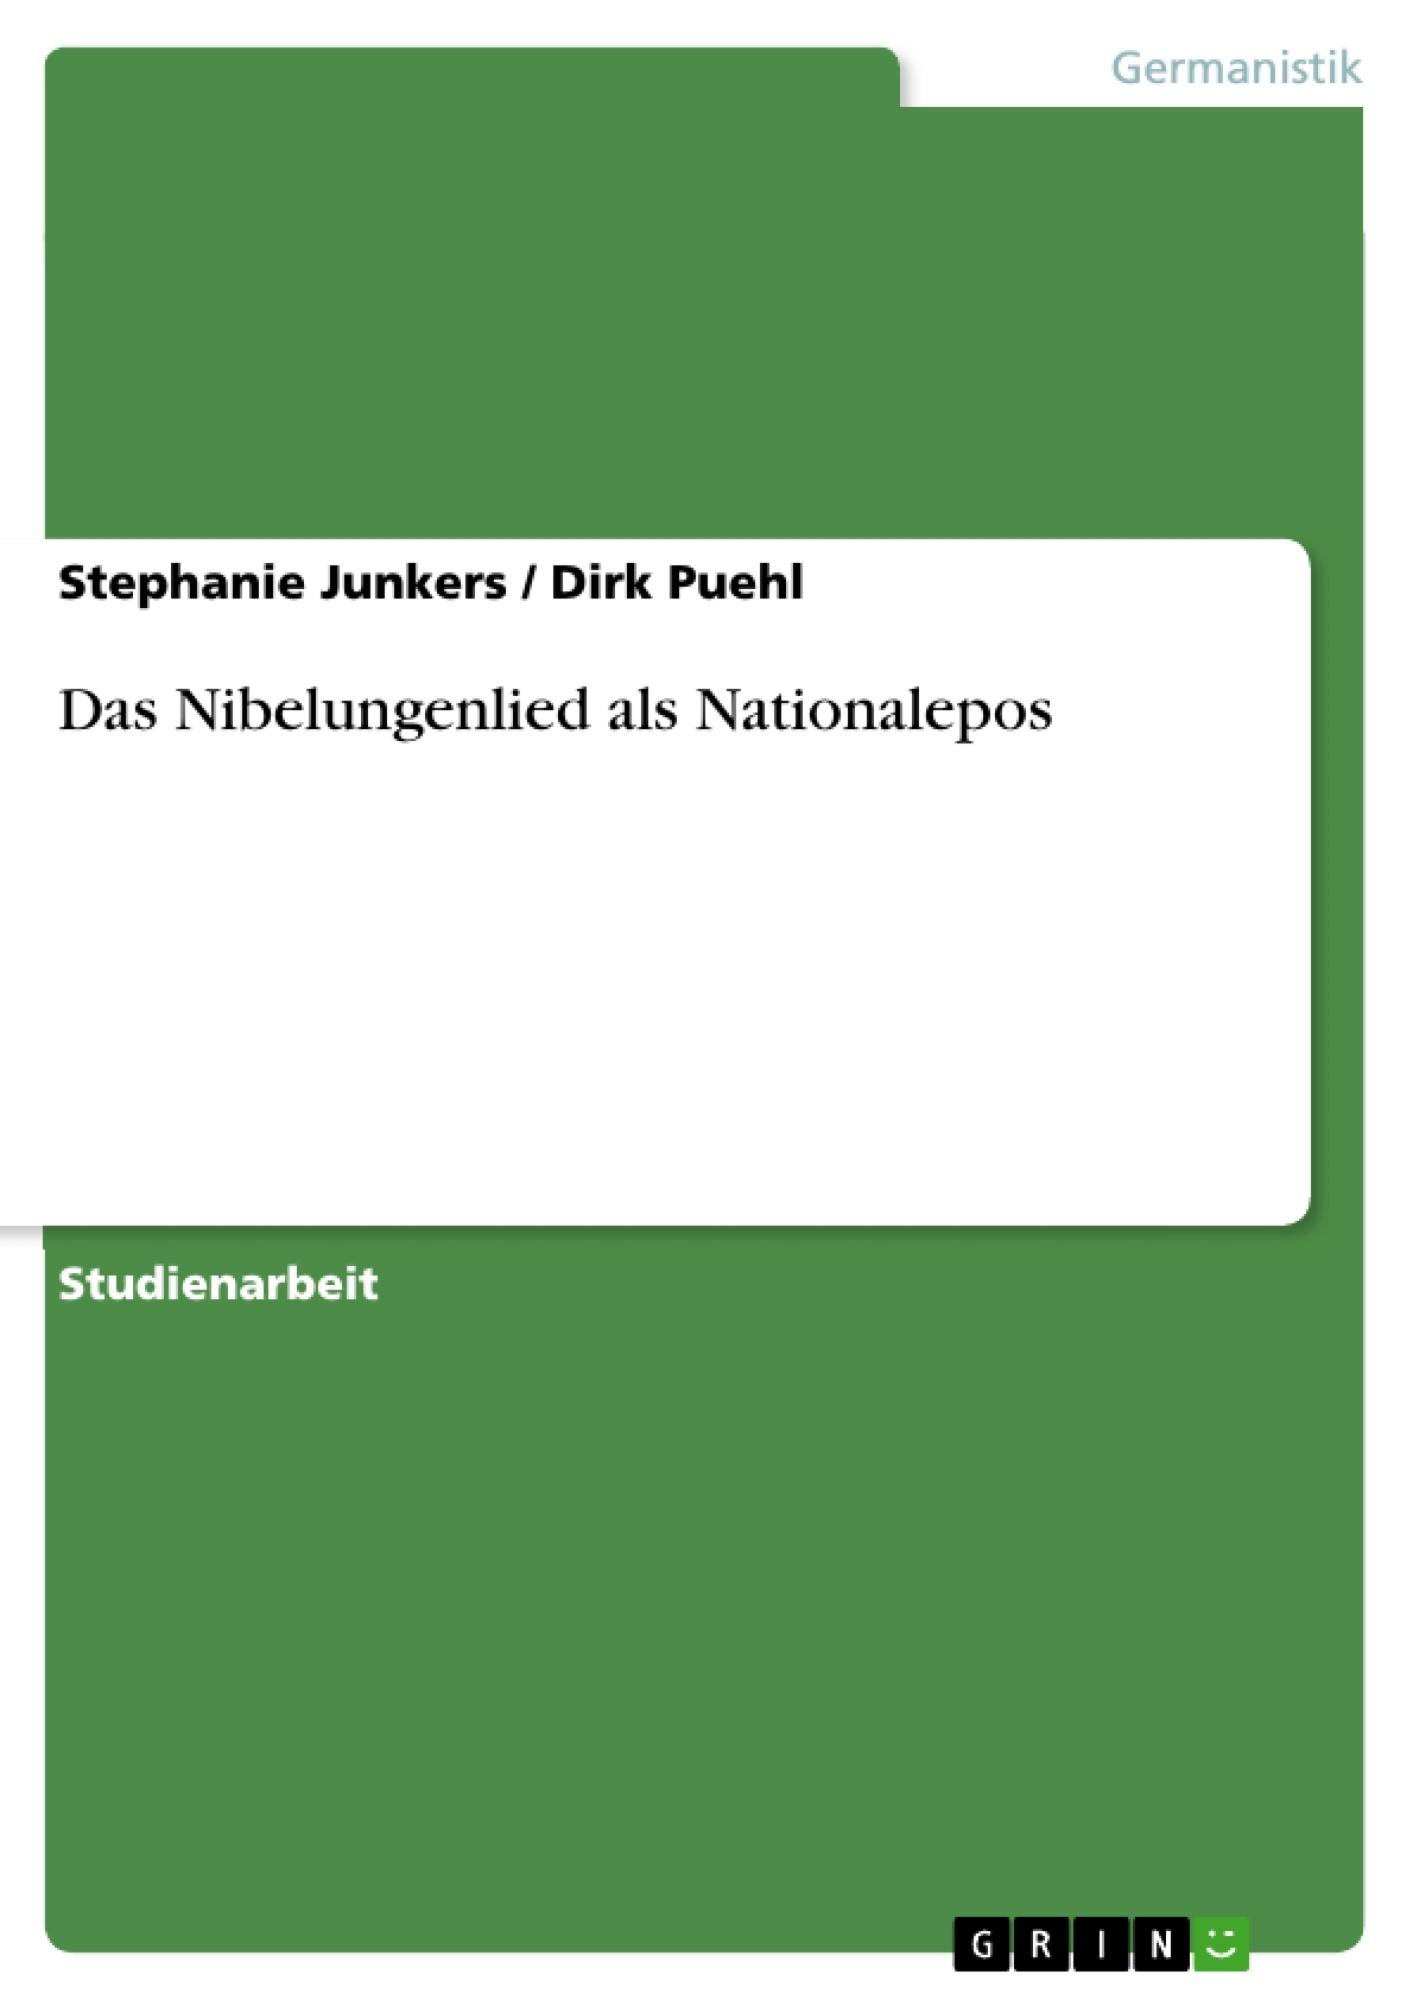 Titel: Das Nibelungenlied als Nationalepos